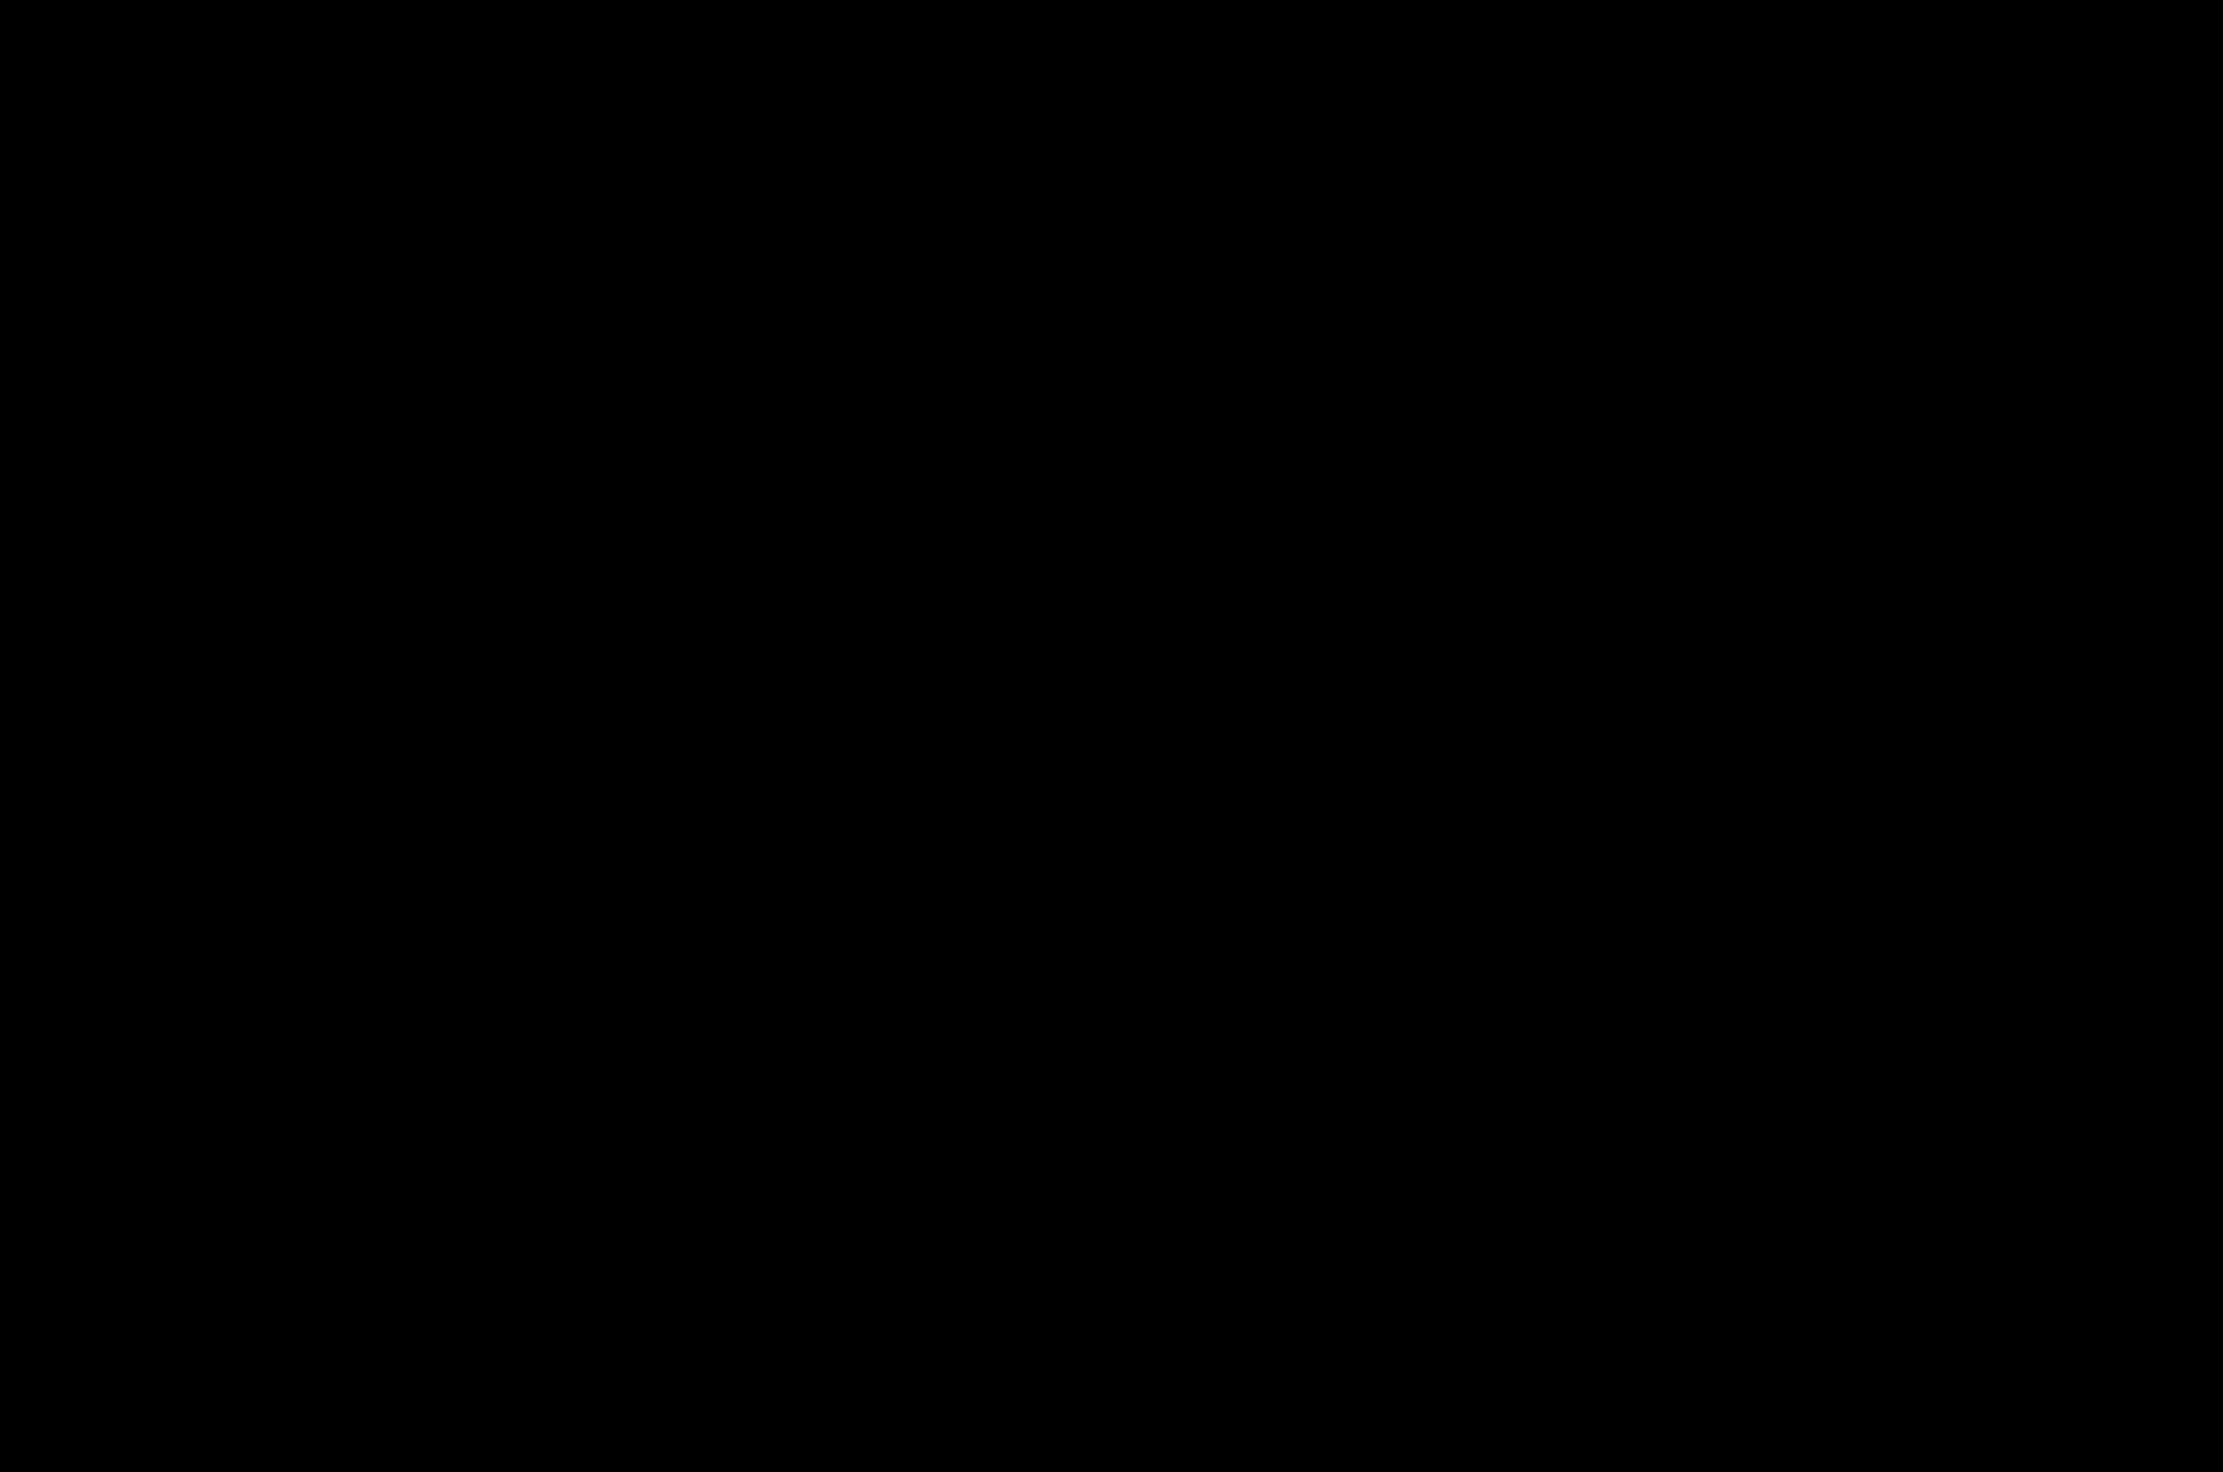 Специални оферти на колбасите на Меско – м. Декември 2019 г.